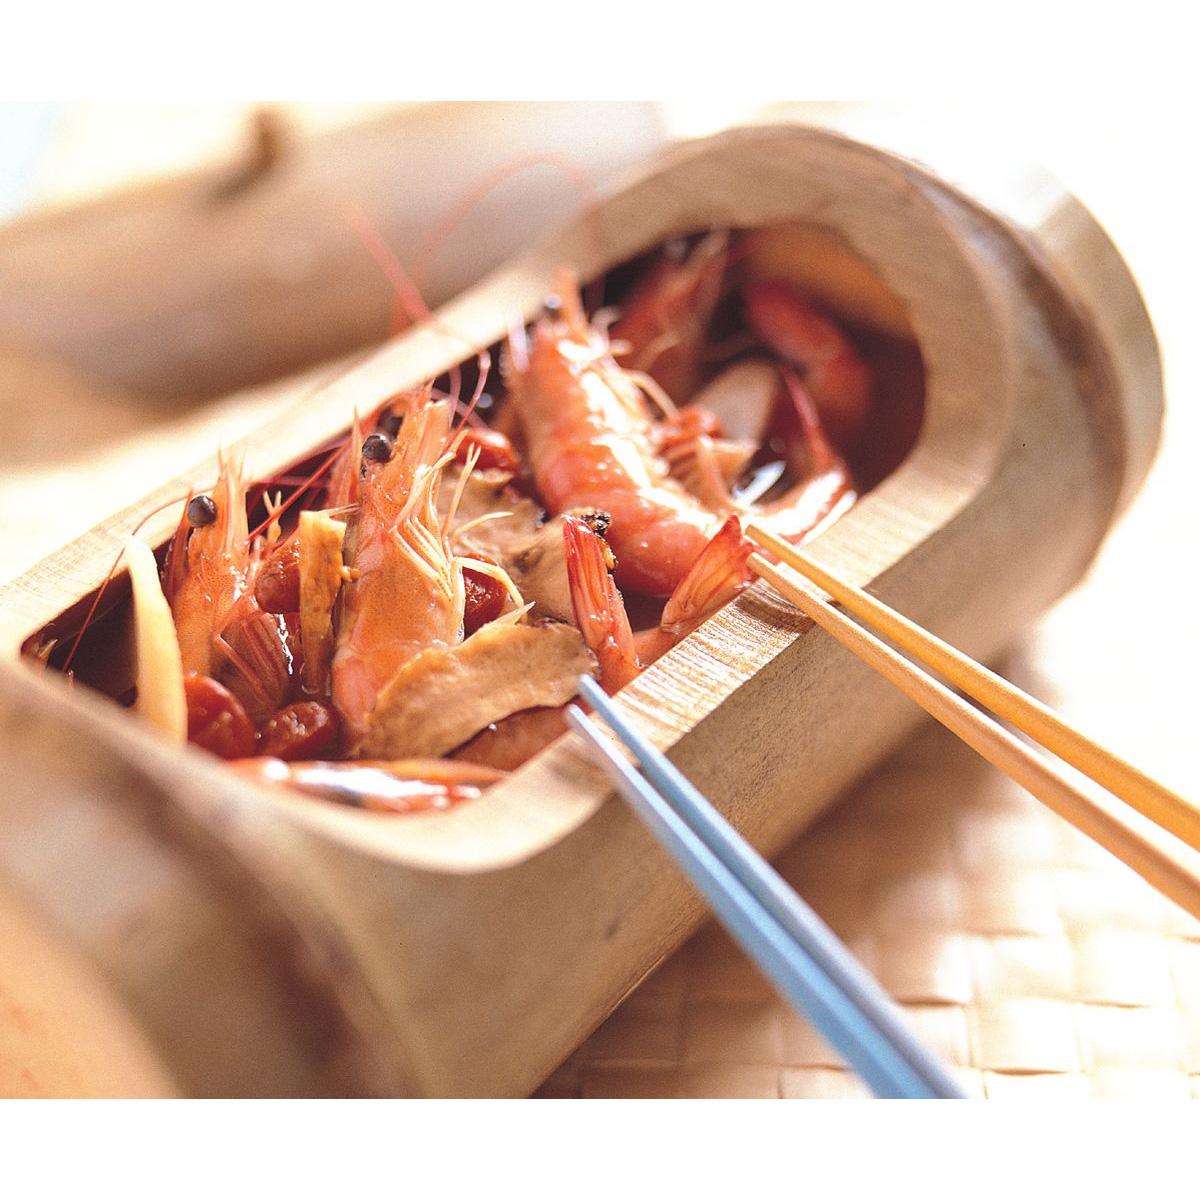 食譜:竹筒燒酒蝦